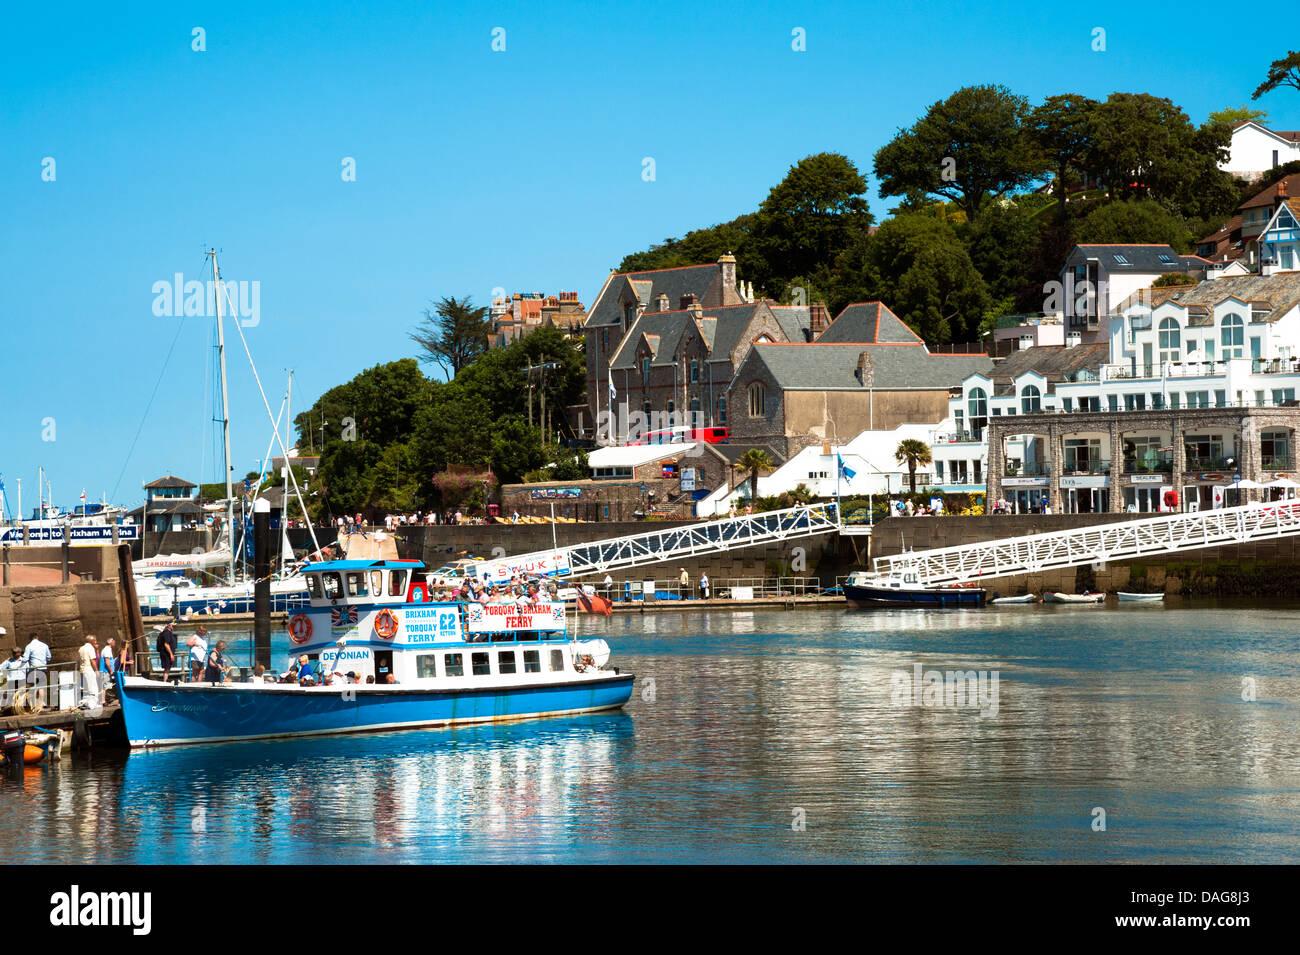 Viaje en barco Brixham Harbor, Torbay, Devon, Reino Unido. Imagen De Stock